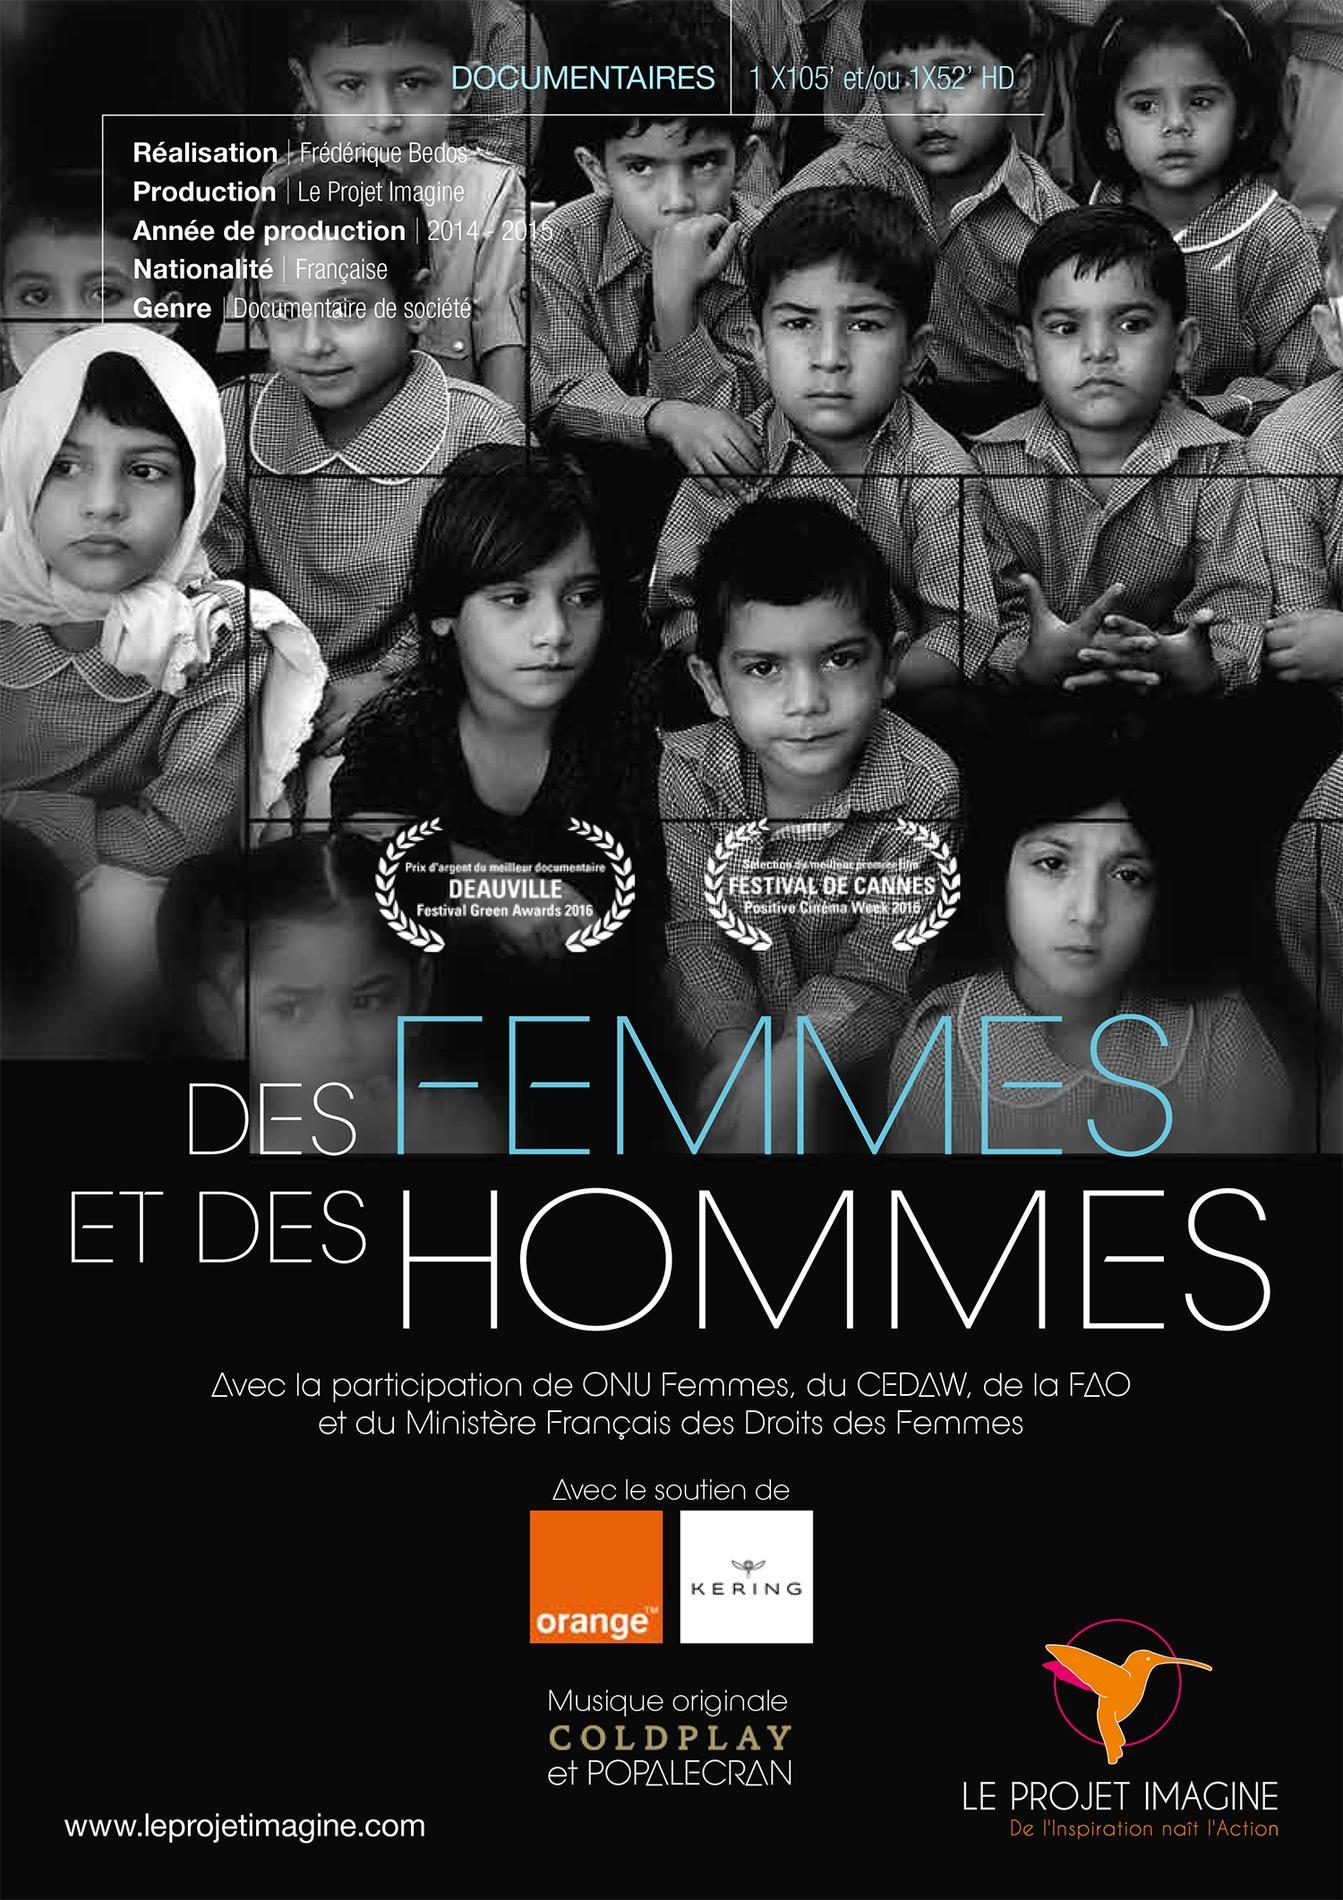 des femmes et des hommes le documentaire choc sur les in galit s dans le monde madame figaro. Black Bedroom Furniture Sets. Home Design Ideas